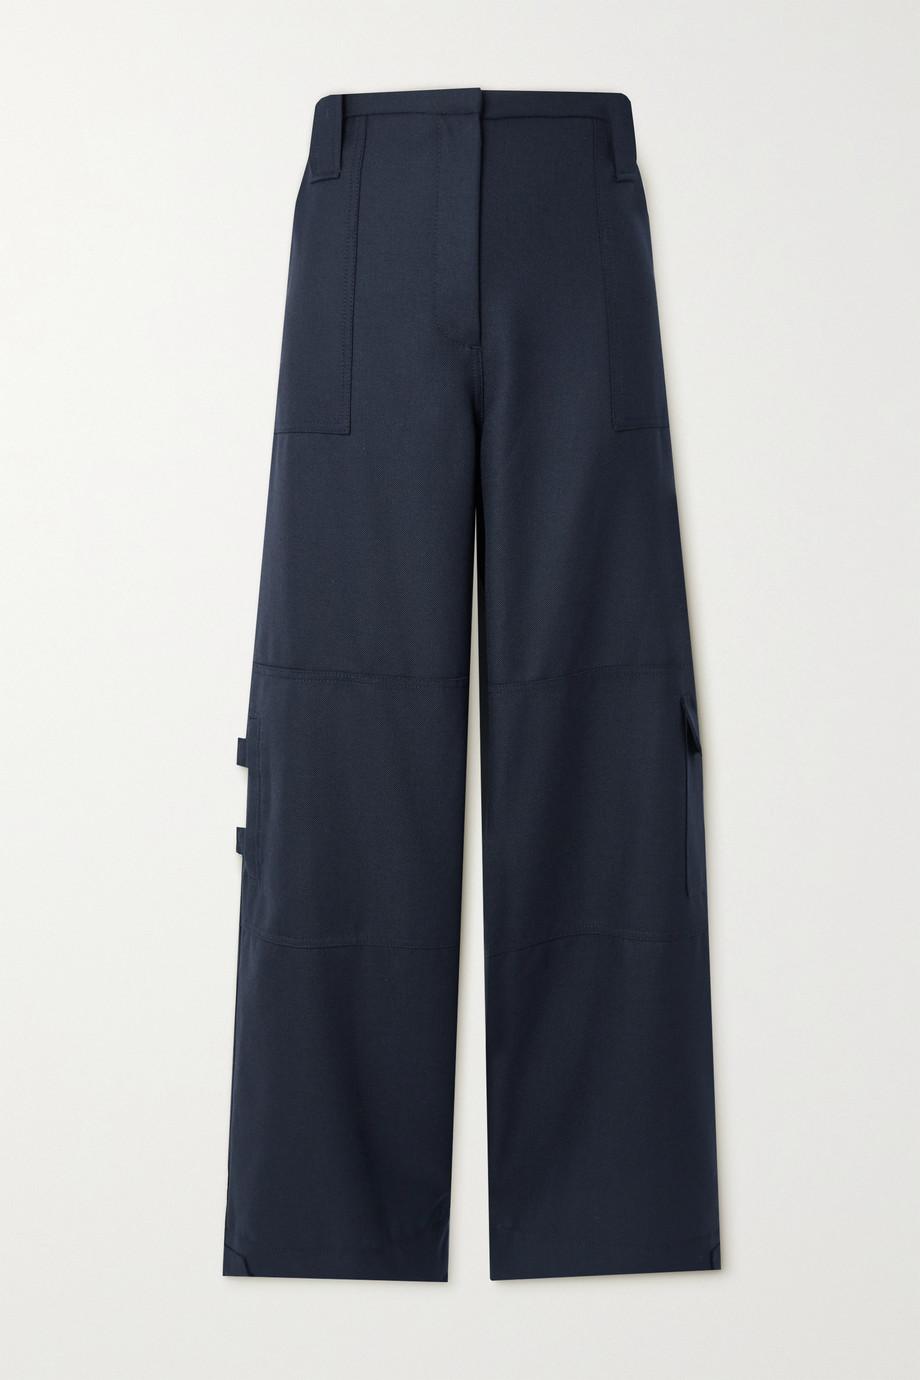 GANNI Hose mit weitem Bein aus einer Wollmischung